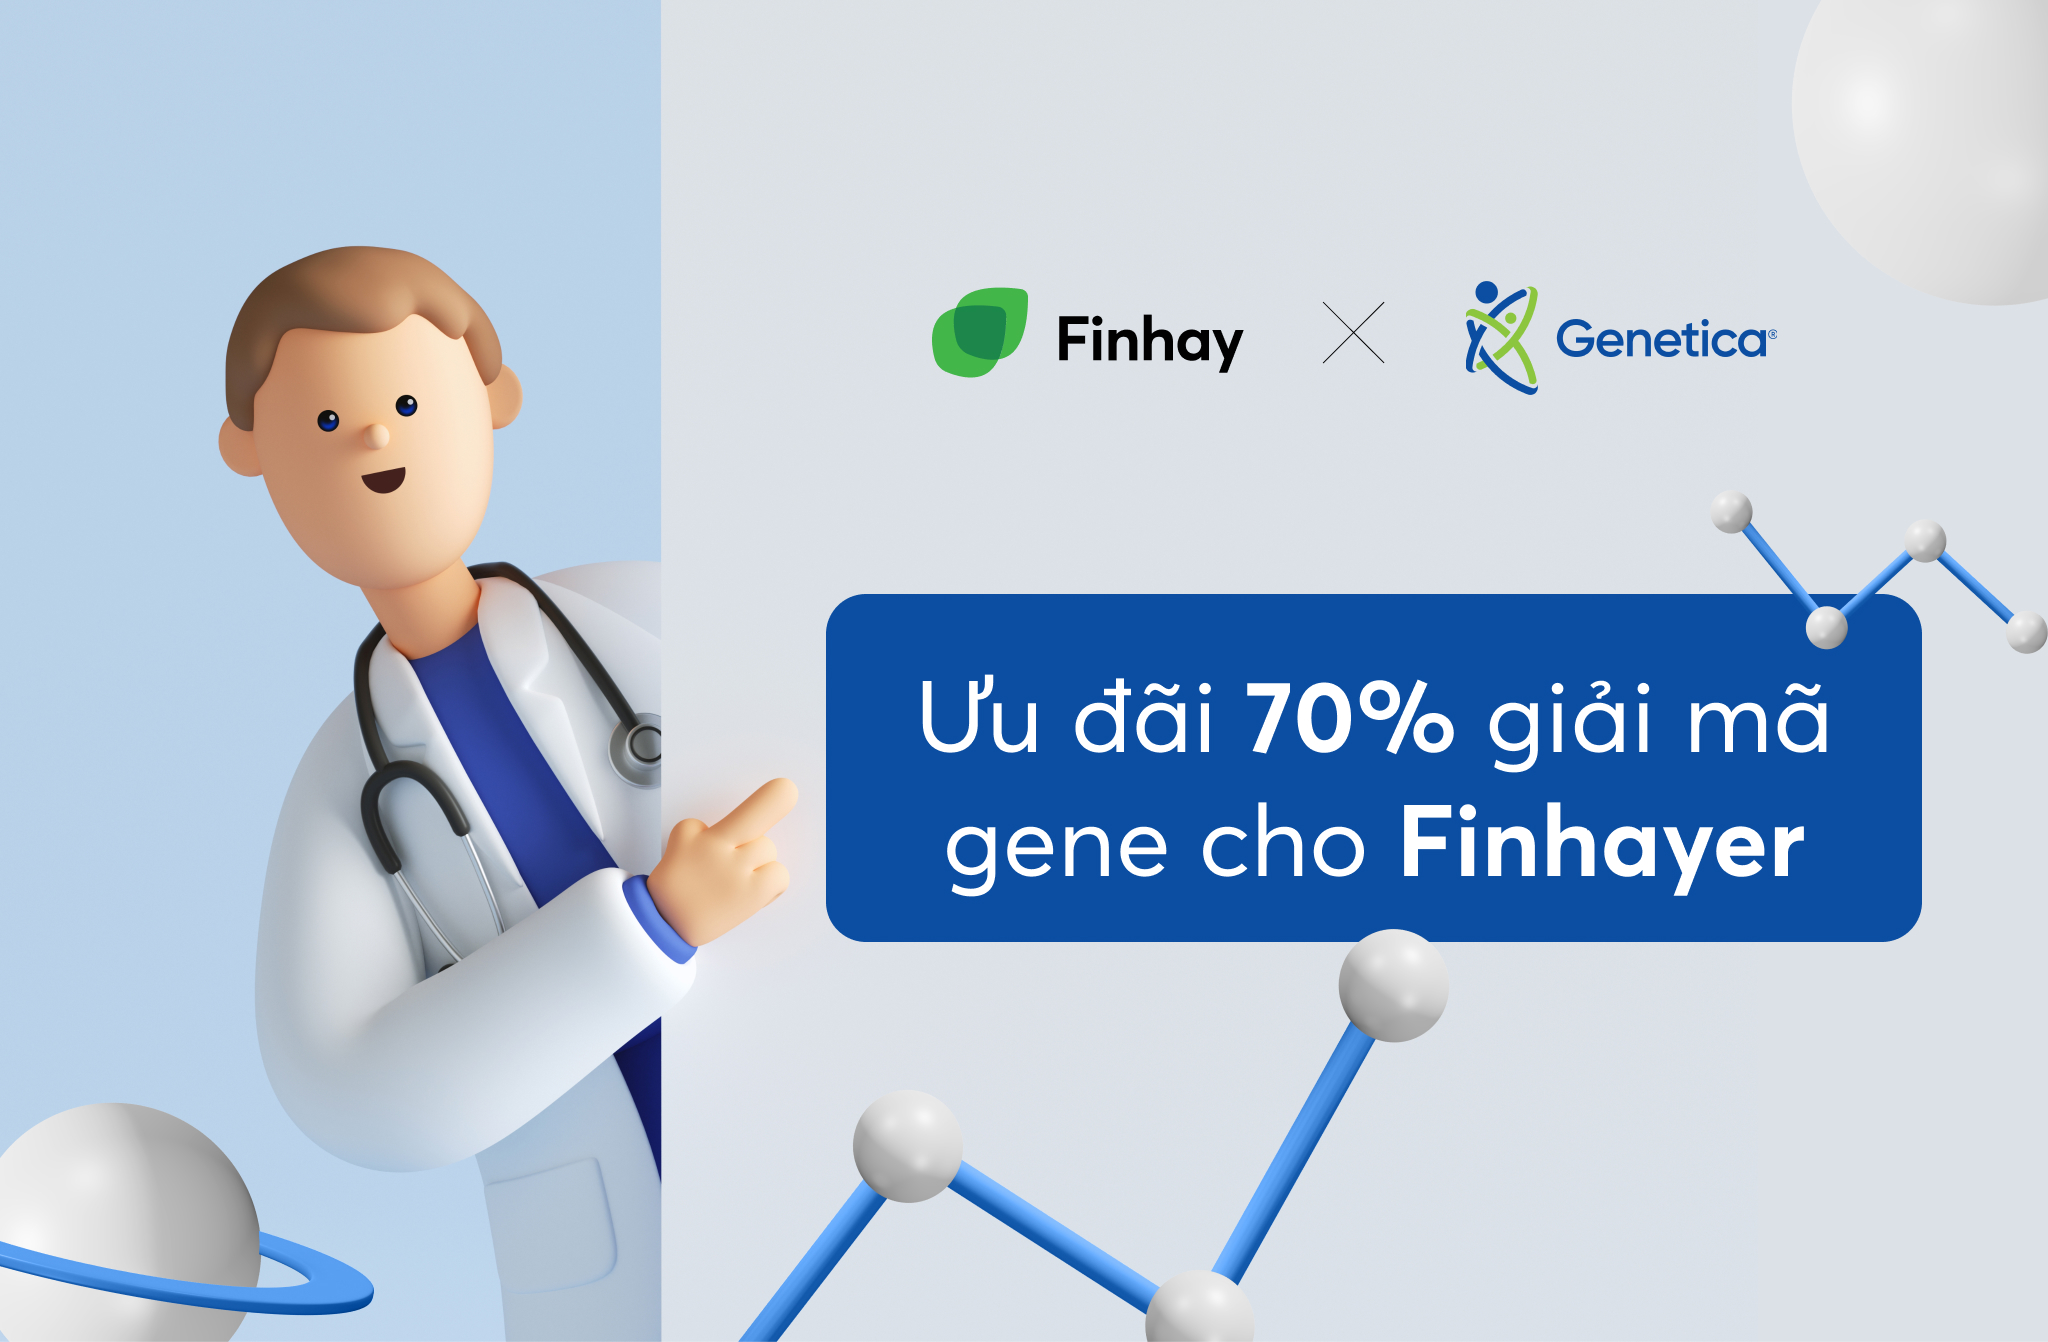 Ưu đãi tới 70% khi đăng ký dịch vụ giải mã gen của Genetica qua Finhay